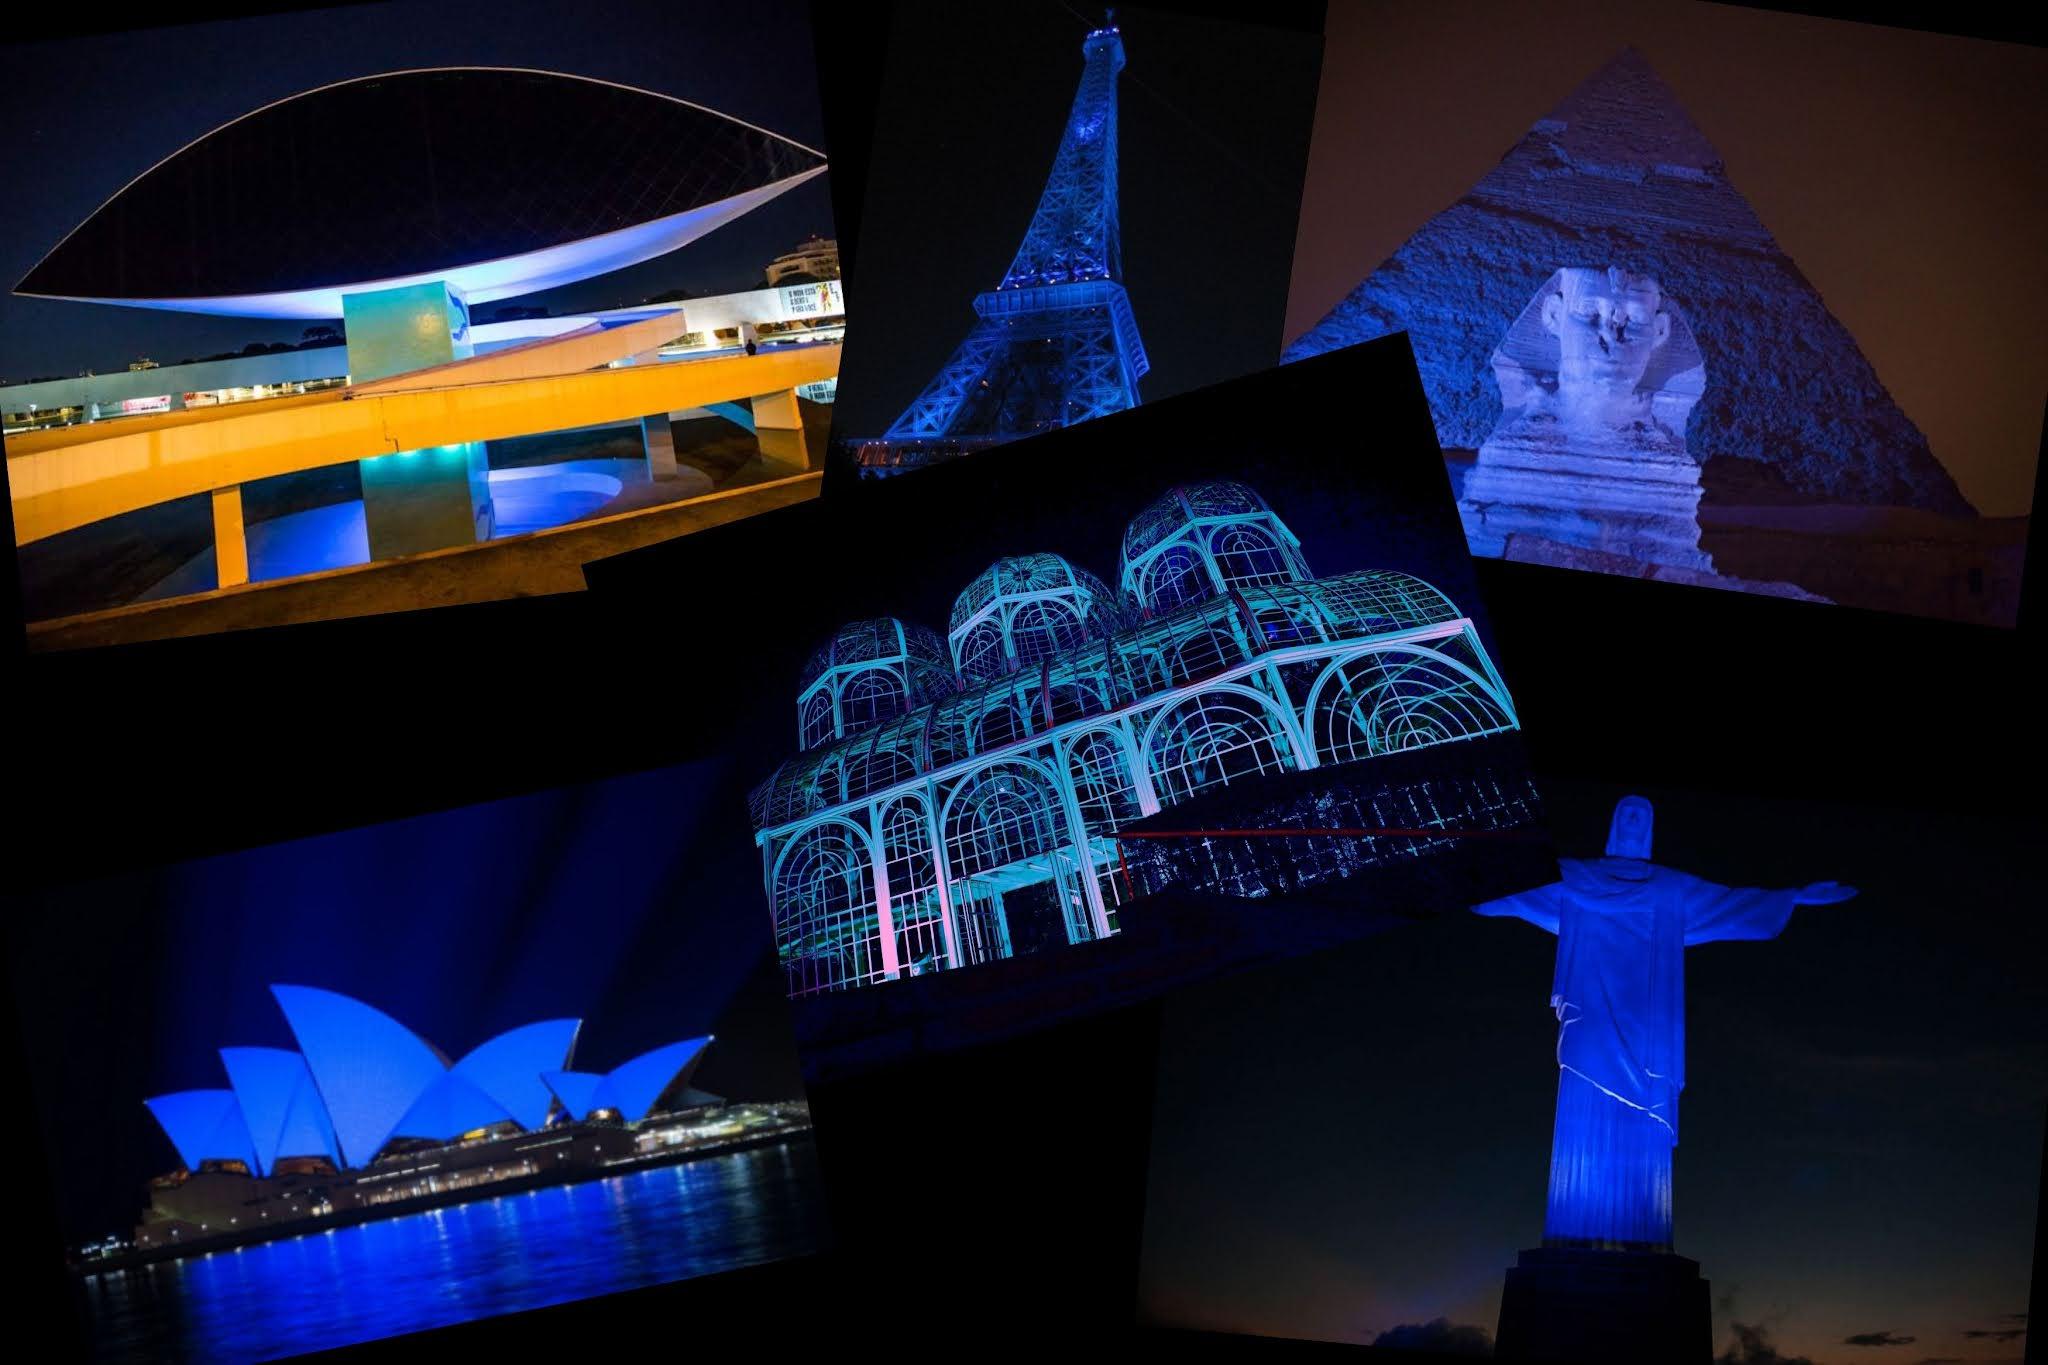 Monumentos do mundo ficaram azuis para conscientizar sobre a Síndrome do X Frágil